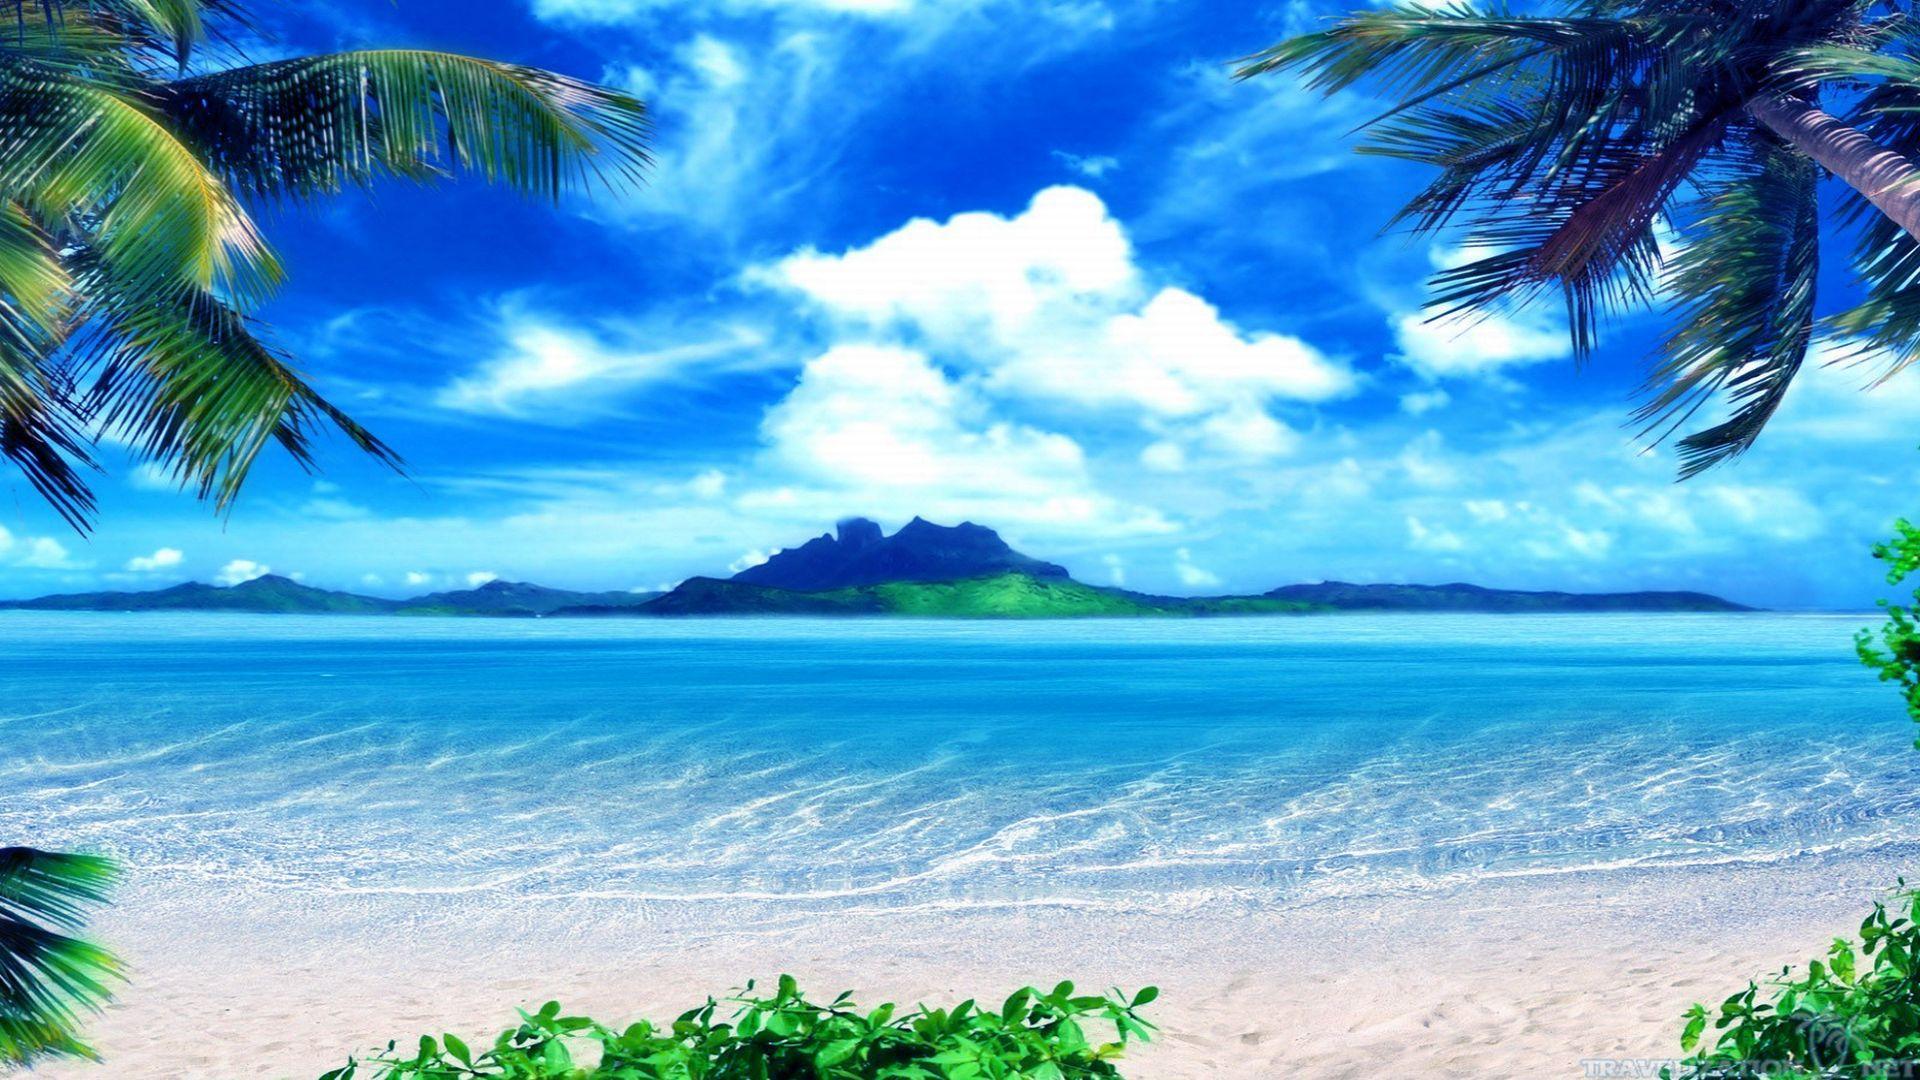 Beautiful Bahamas Wallpaper 7487